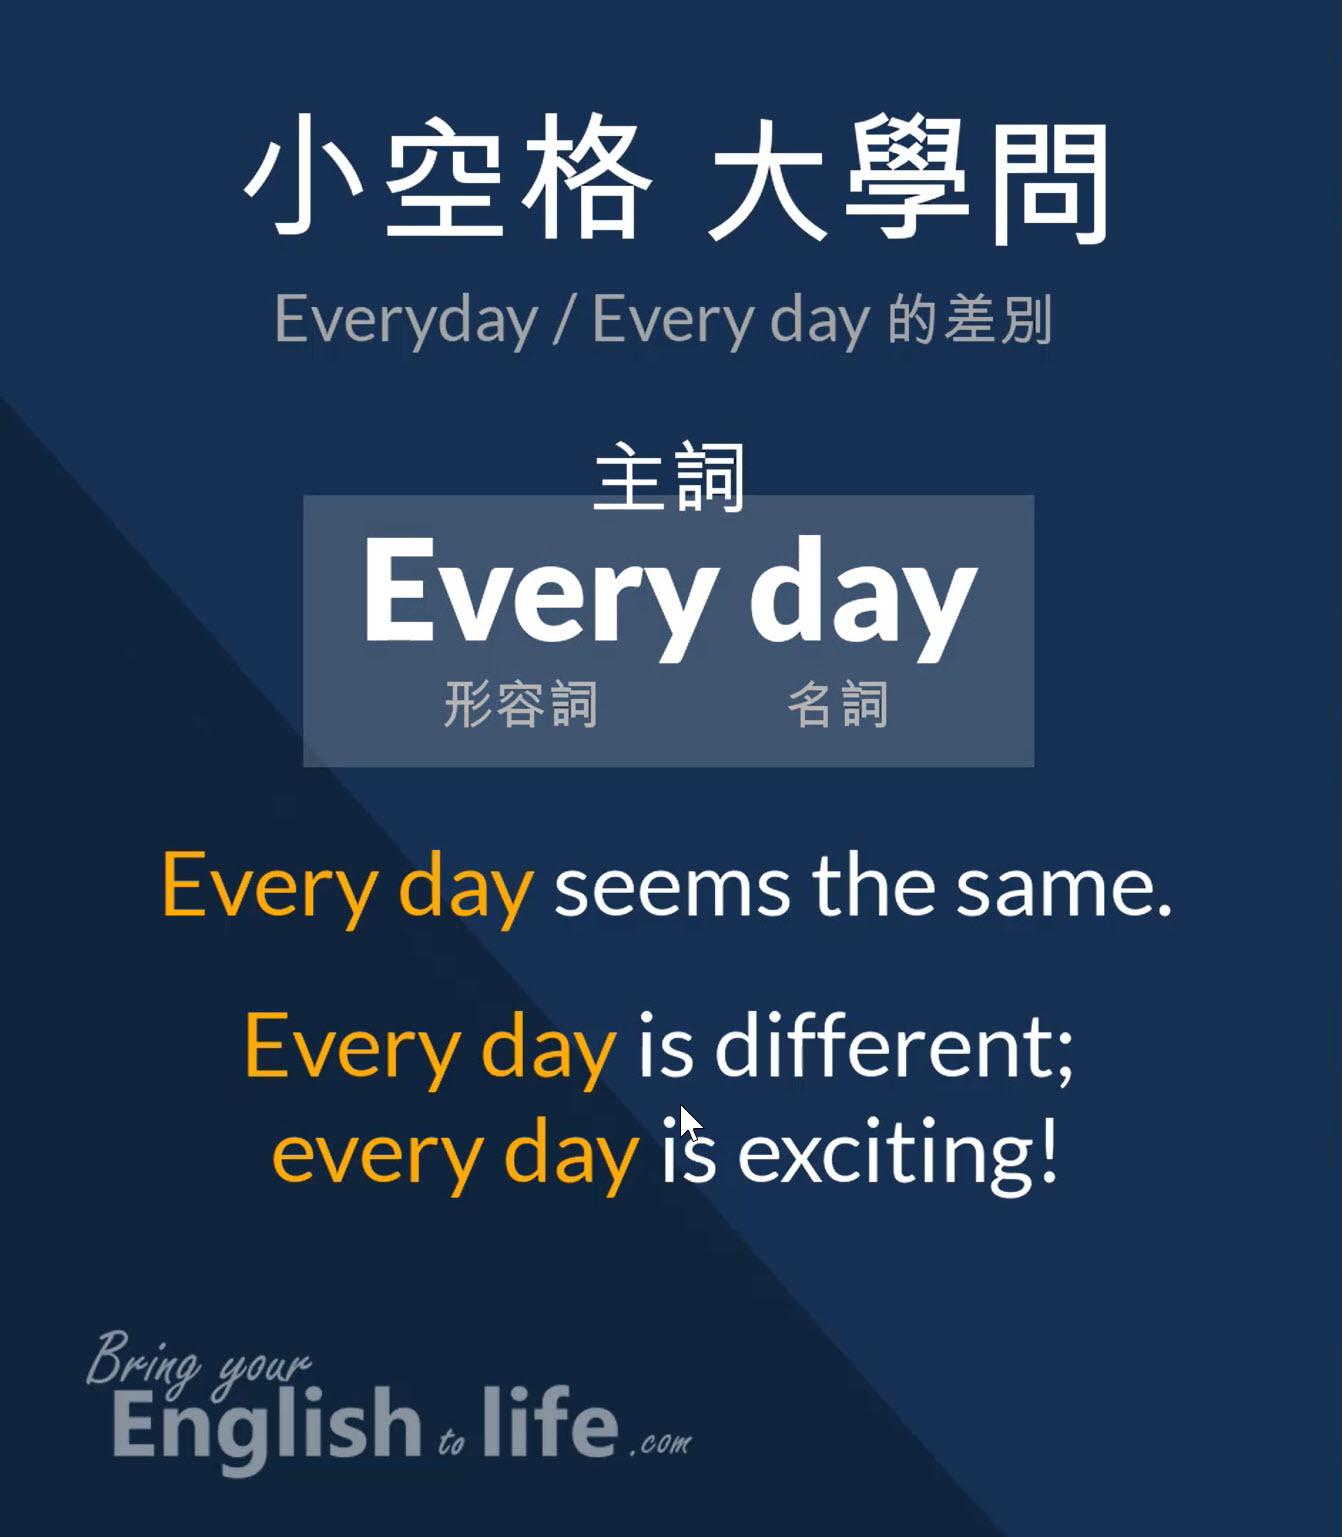 小空格大學問 (Everyday or Every day)|詞性大不同 - 活化英文